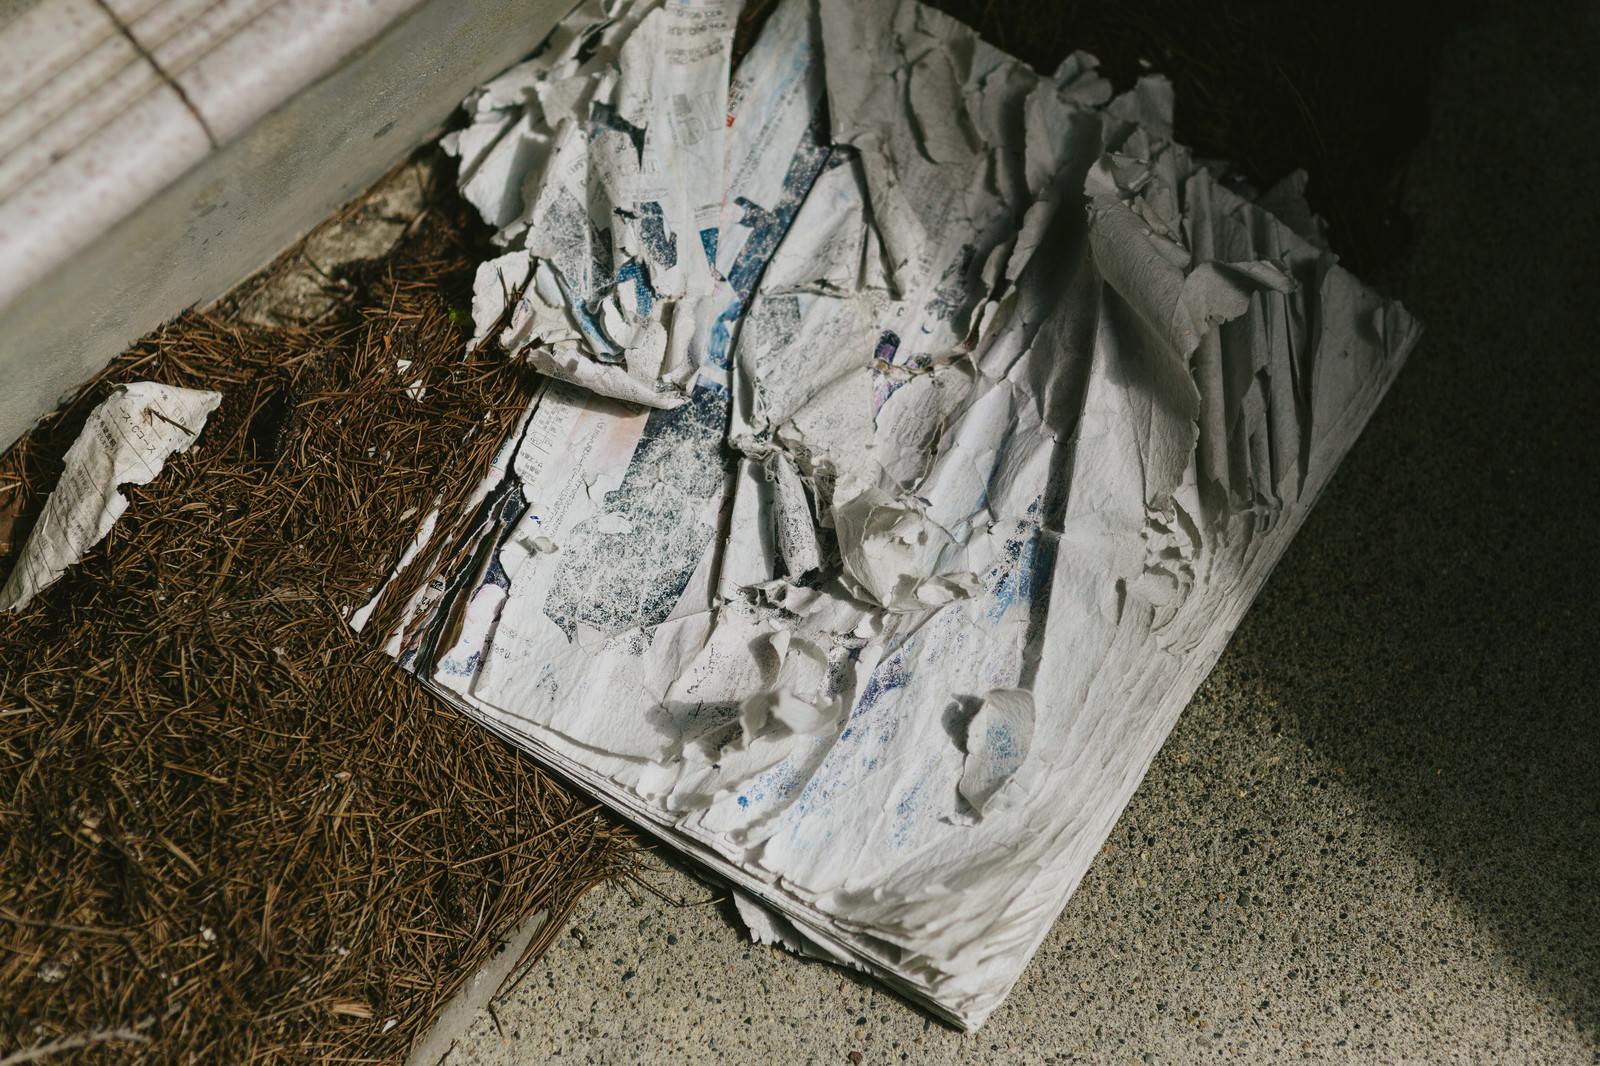 「数年間雨ざらしで投棄された雑誌」の写真